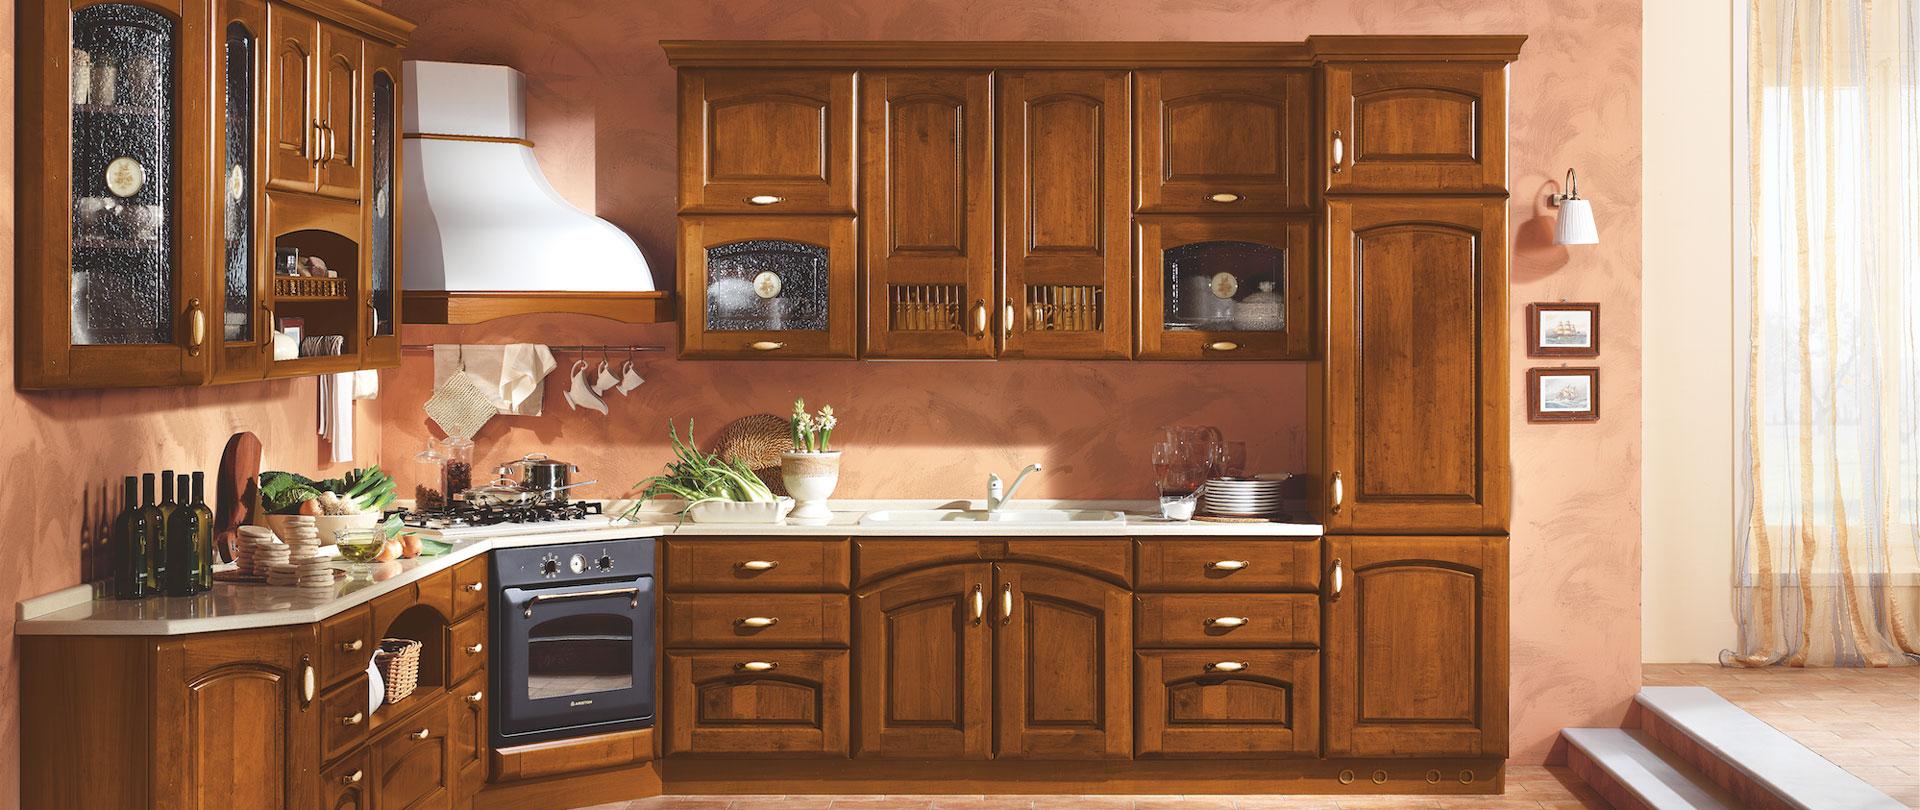 La Verderosa S.r.l Cucine in Legno su misura a Roma Classiche e ...